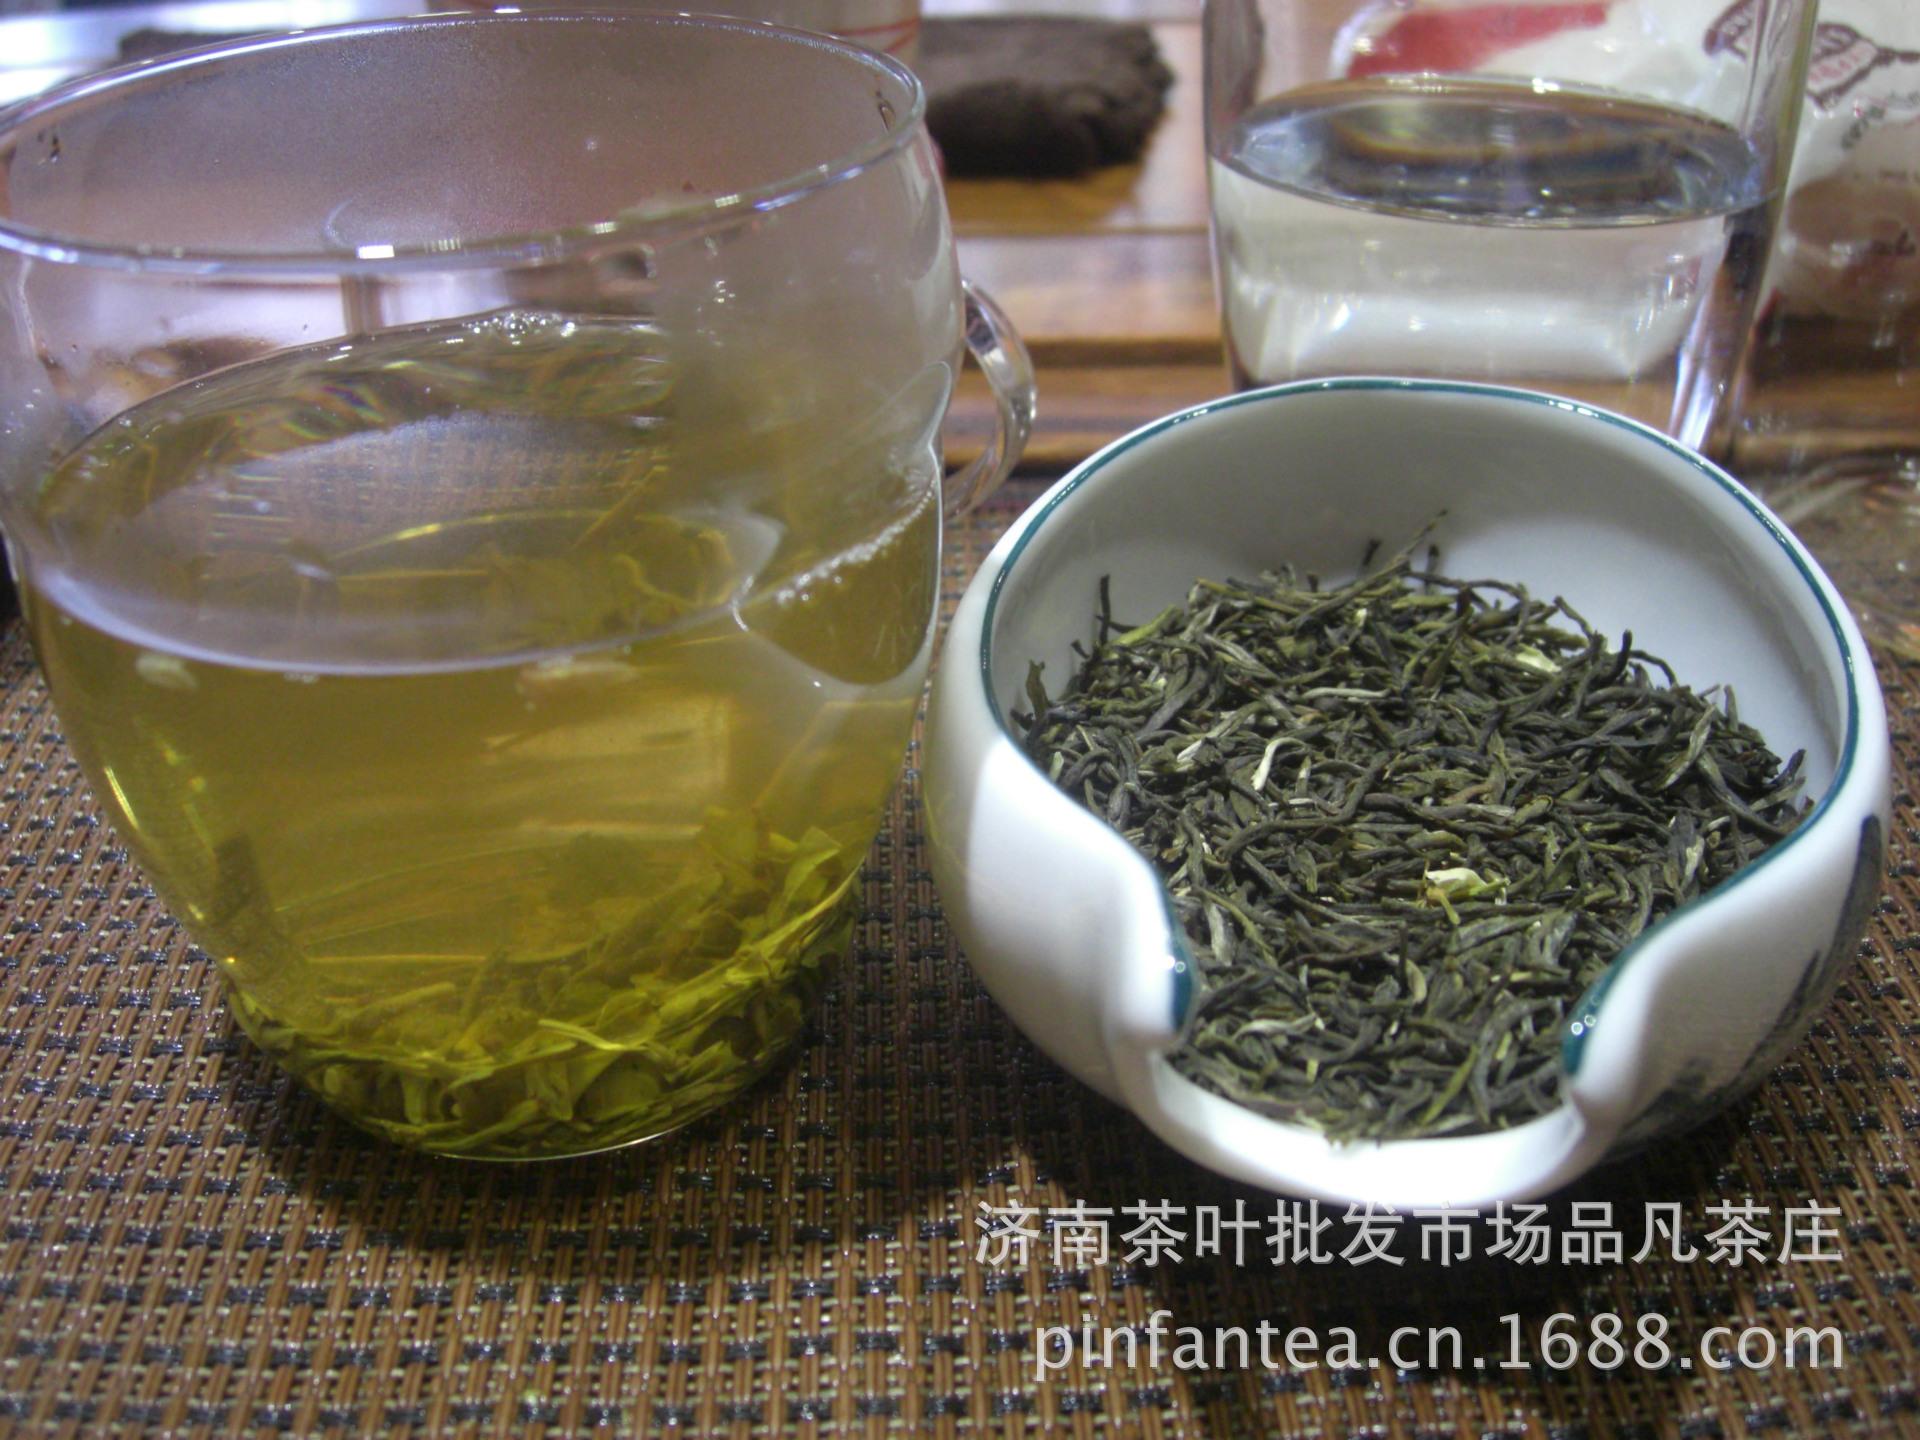 2013新茶 茉莉花茶 叶广西横县茉莉花茶批发图片